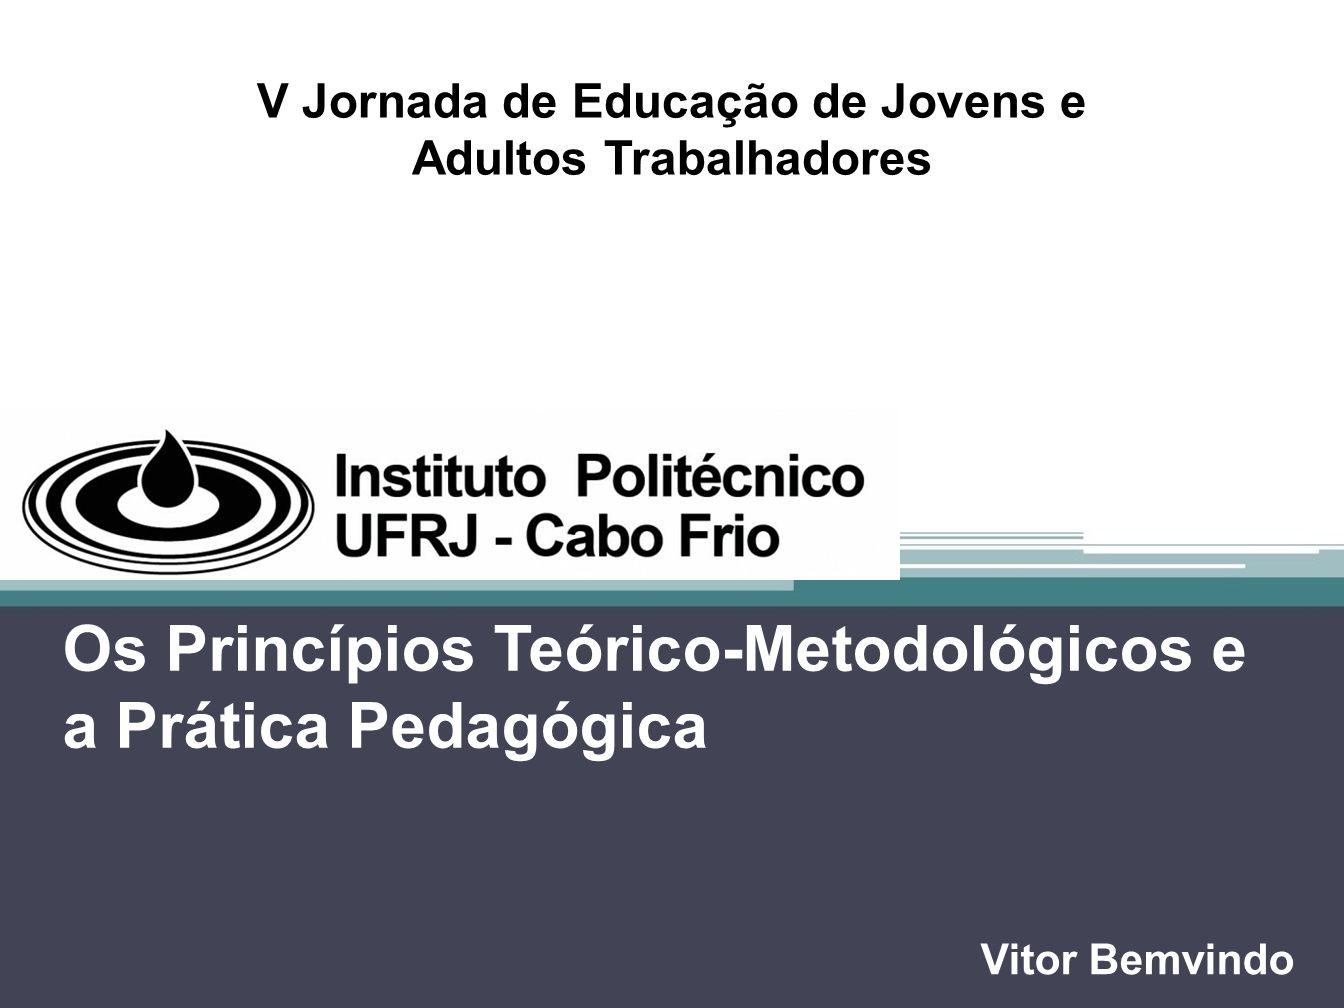 Os Princípios Teórico-Metodológicos e a Prática Pedagógica Vitor Bemvindo V Jornada de Educação de Jovens e Adultos Trabalhadores